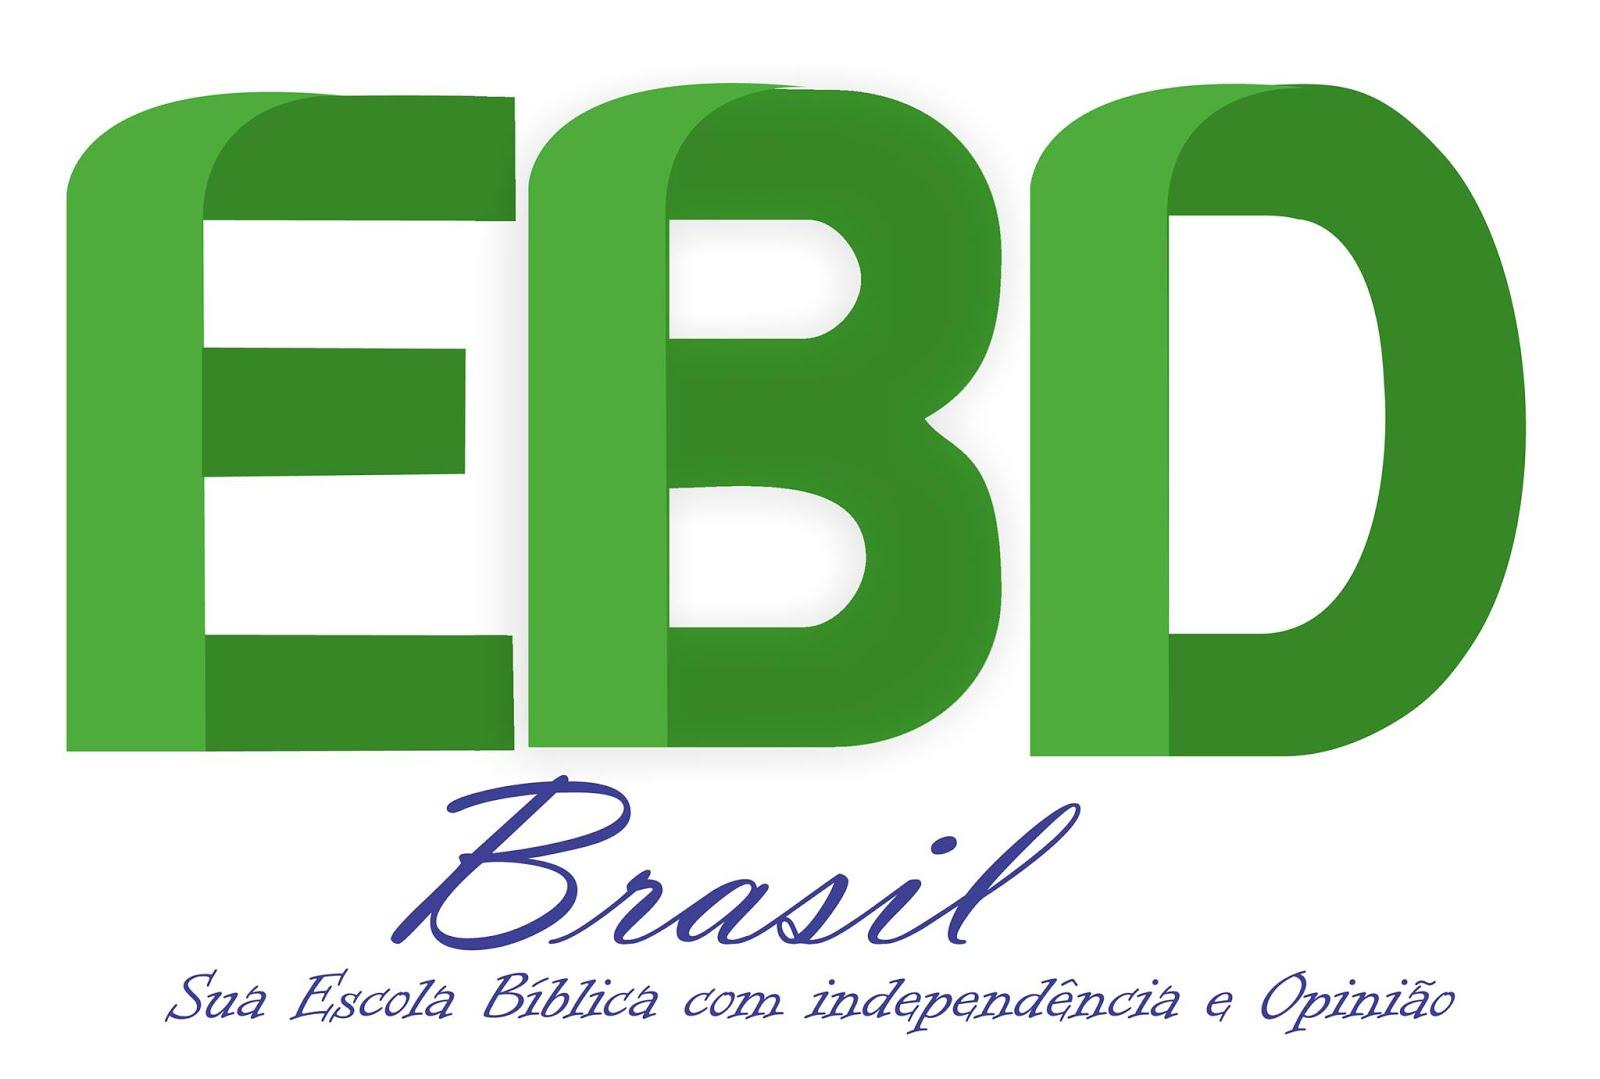 EBD Brasil